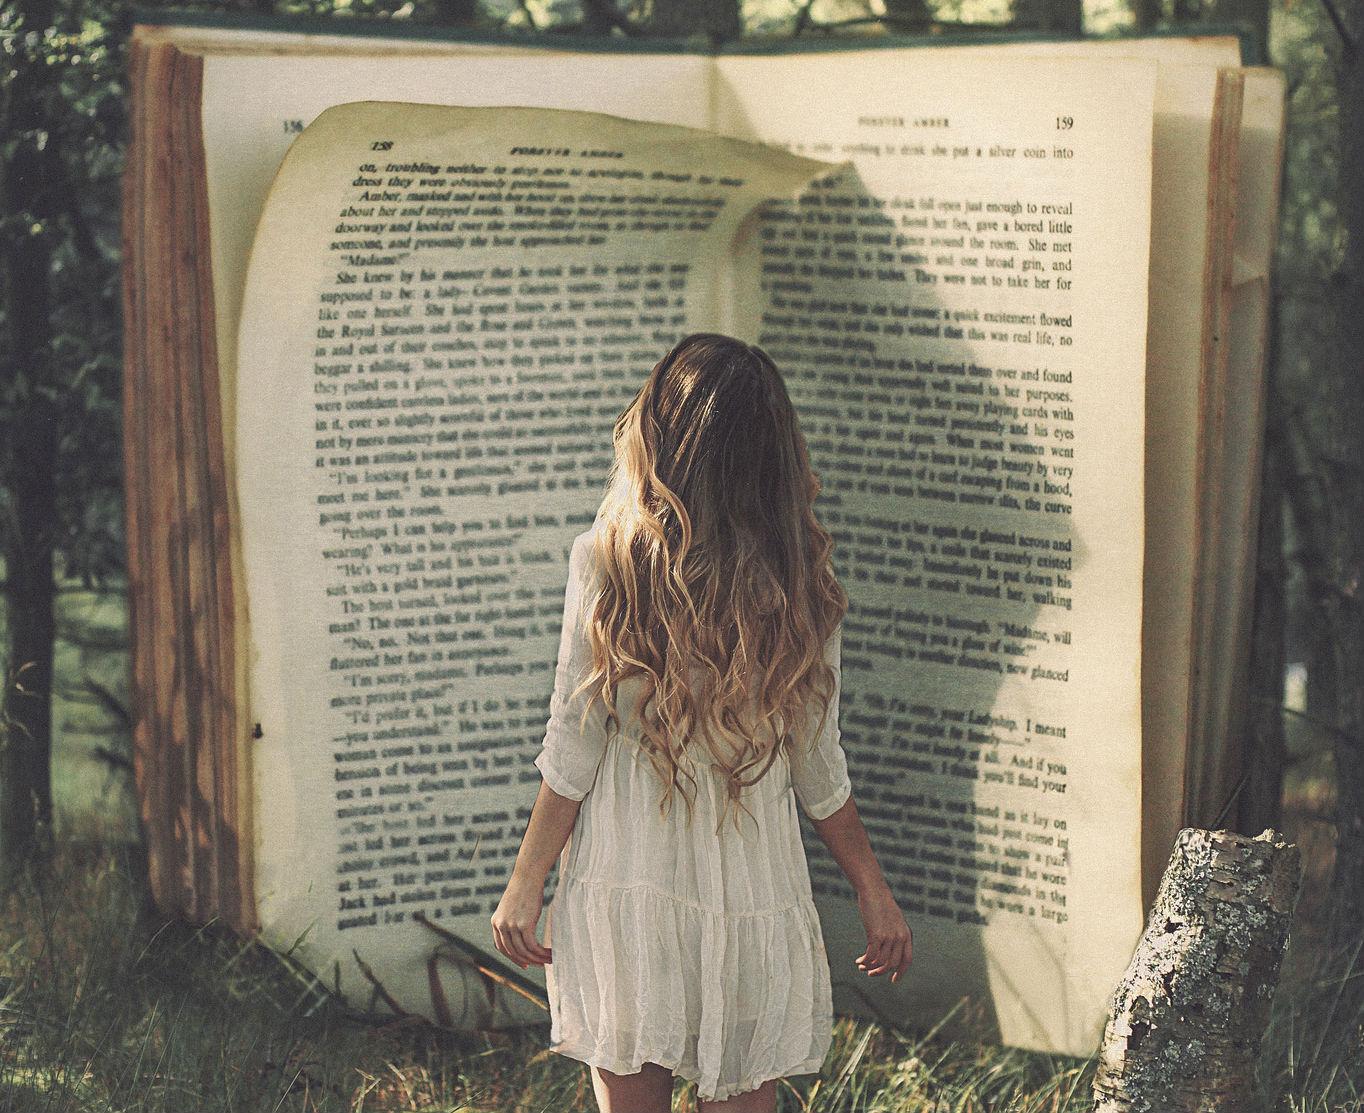 buy Between Biblical Criticism and Poetic Rewriting: Interpretative Struggles over Genesis 32:22